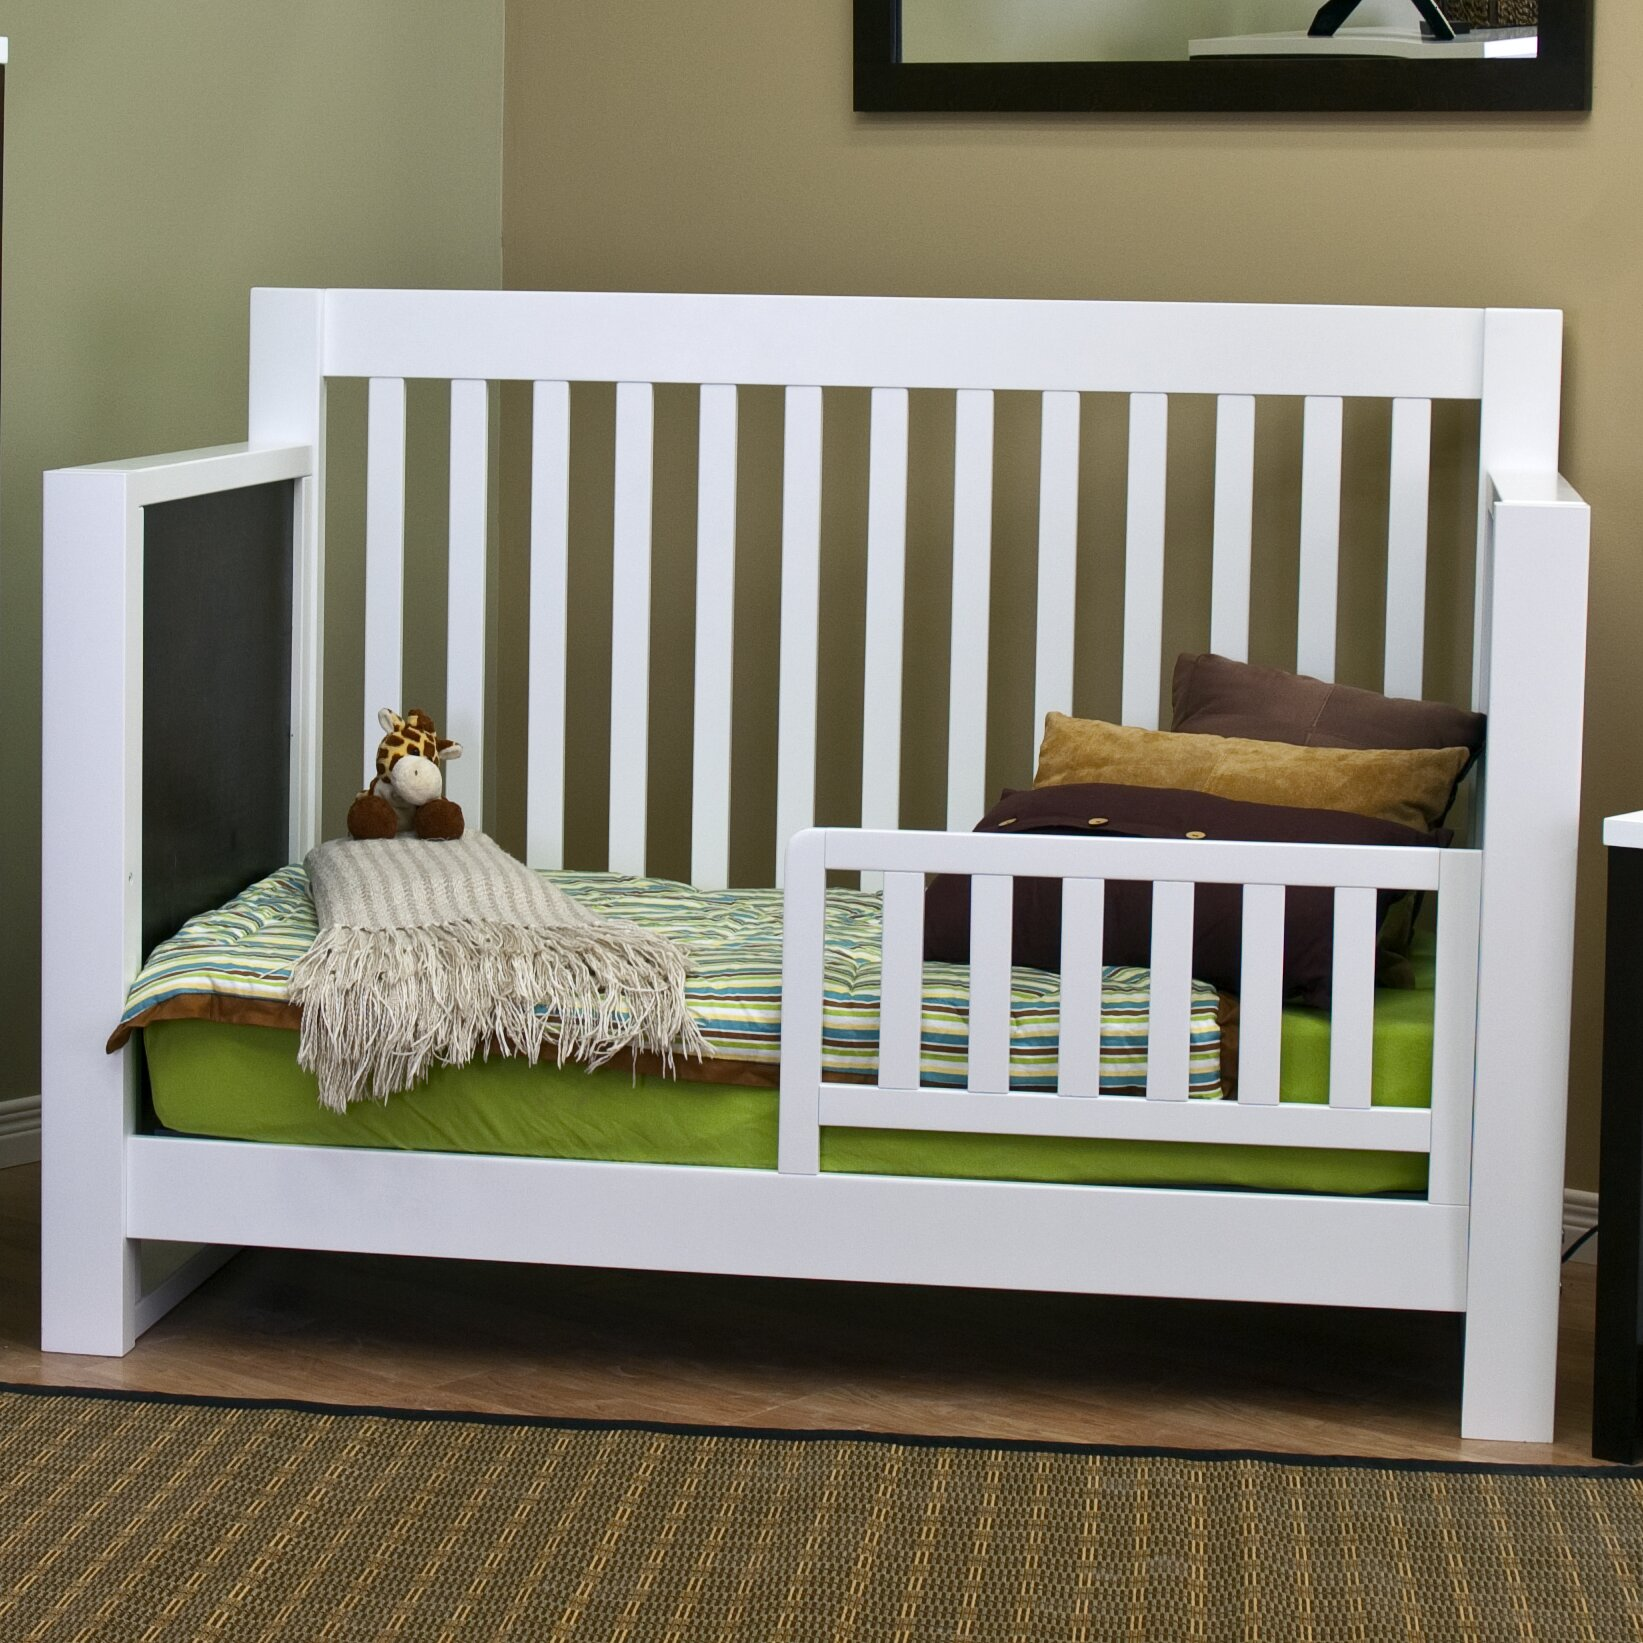 Sorelle Princeton Crib Conversion Kit Image Of Sorelle Berkley Full Size Bed Conversion Kit